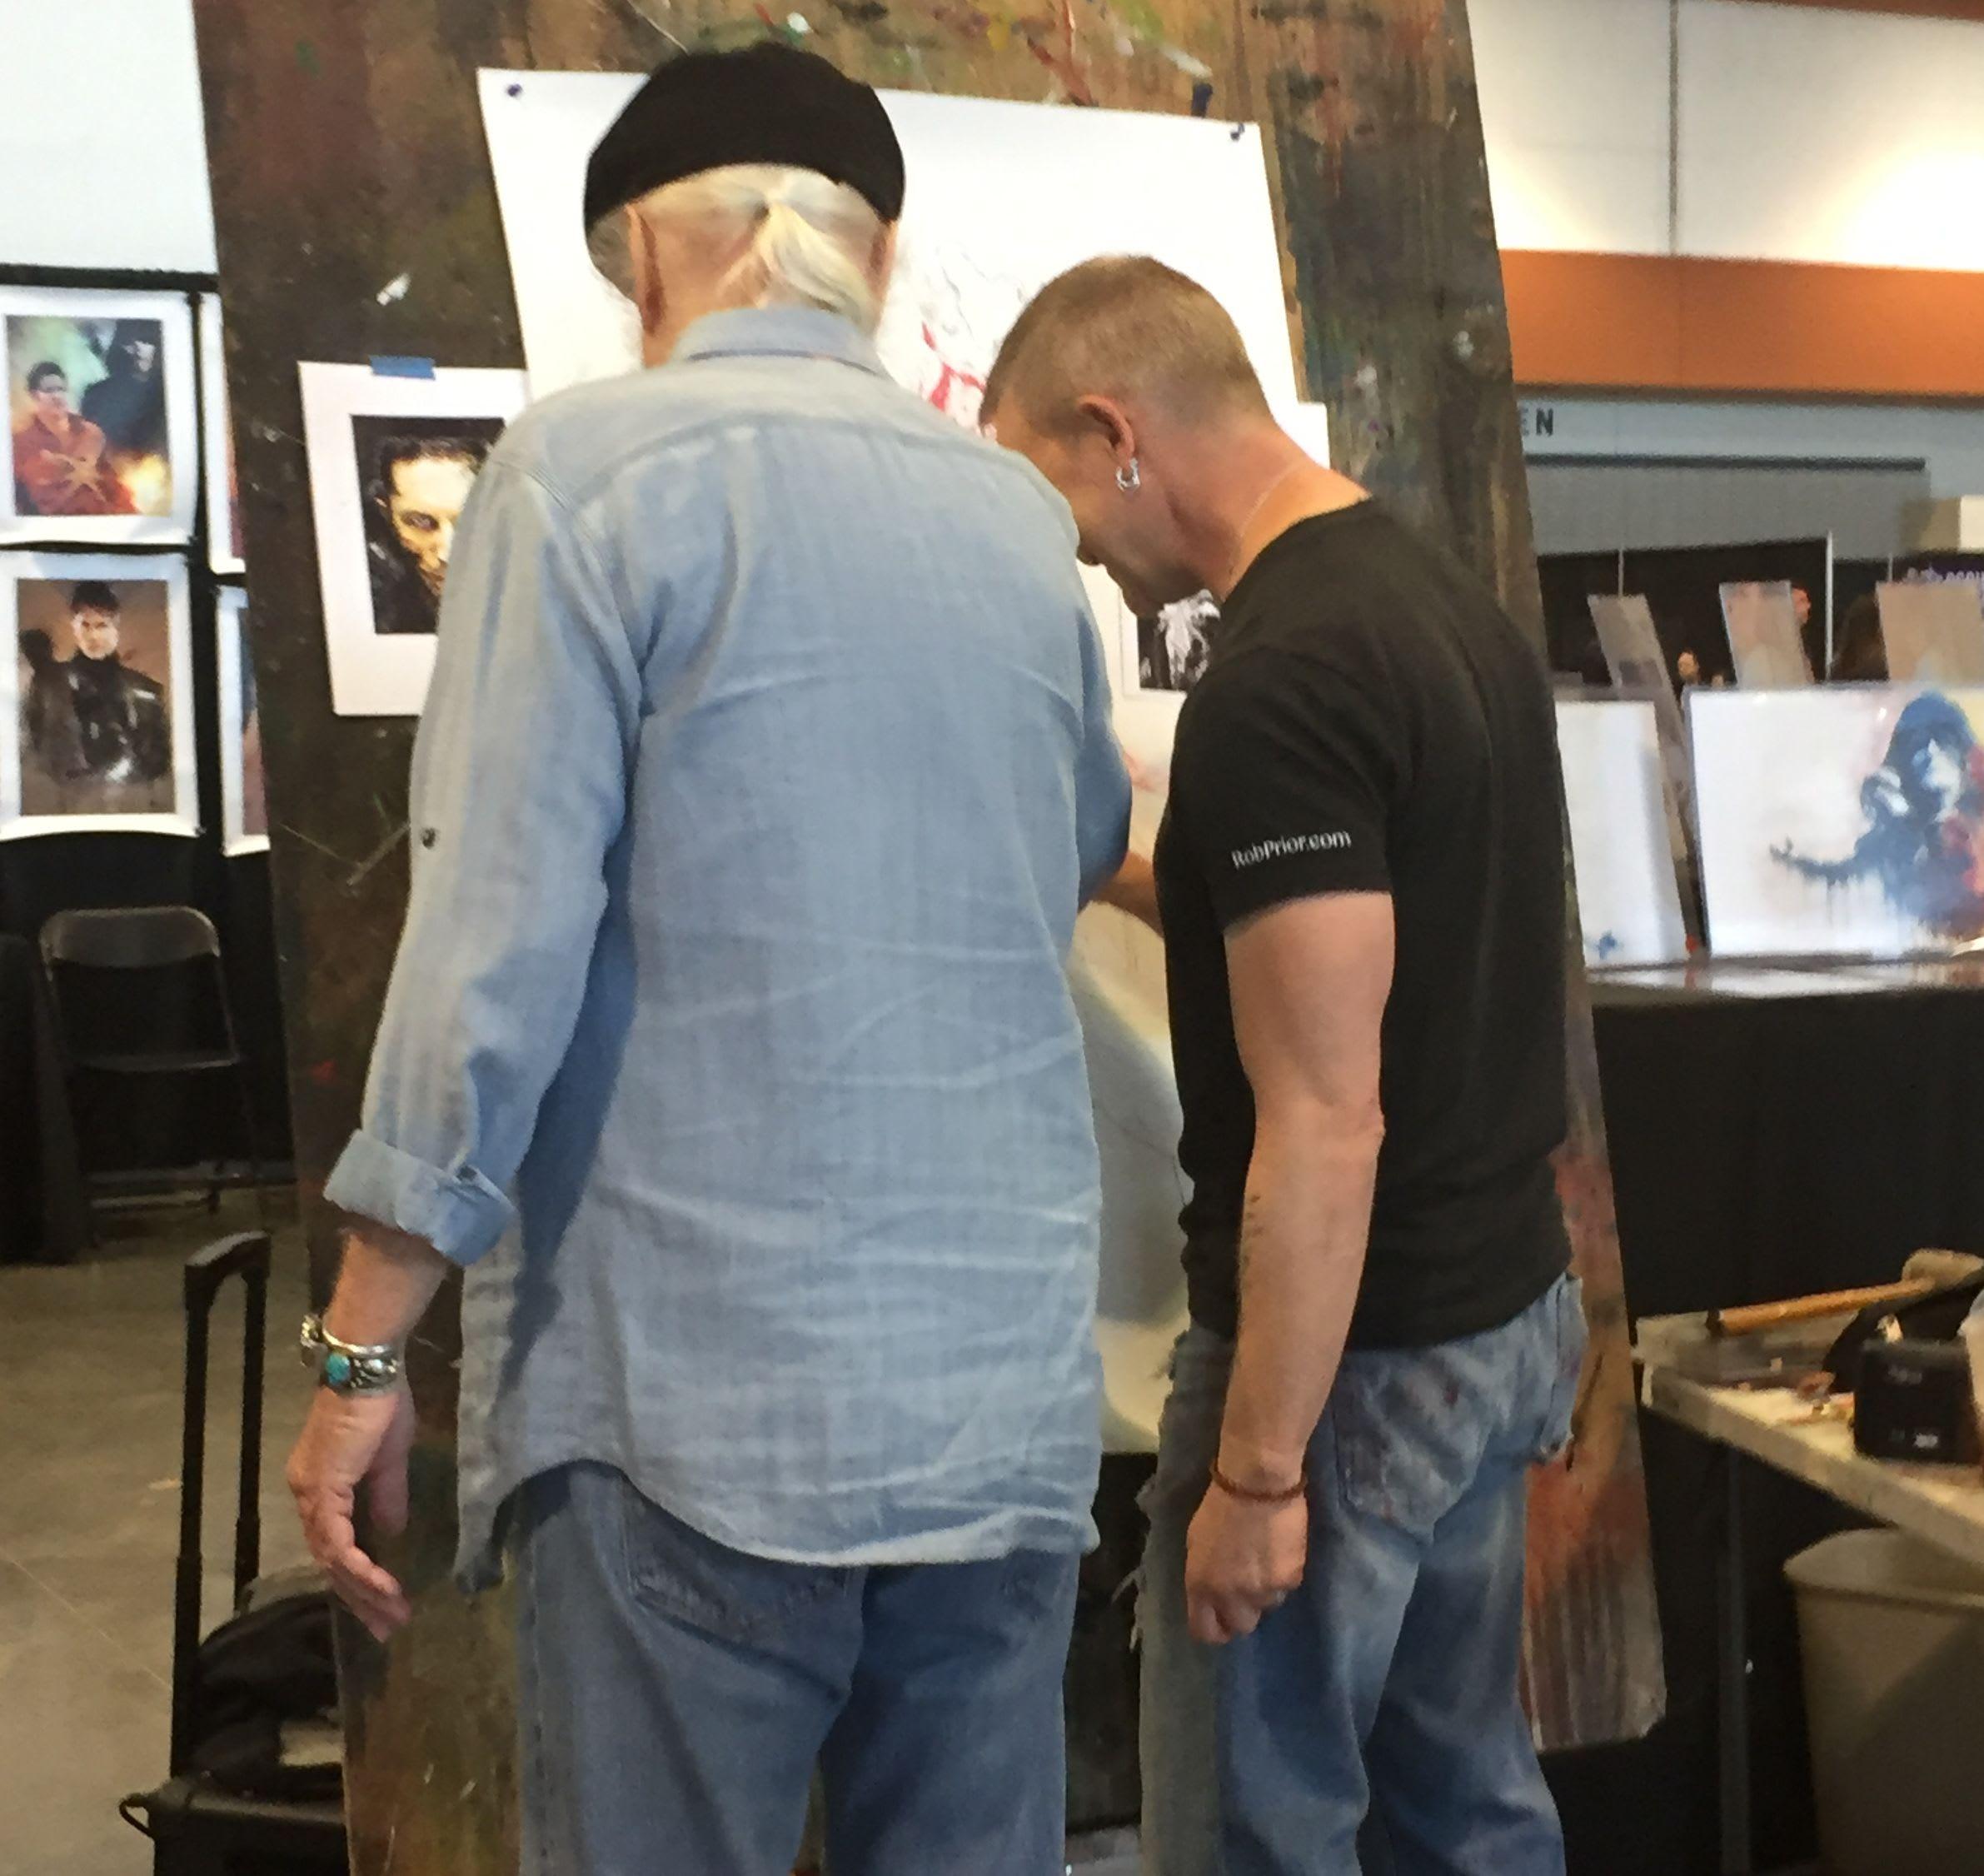 Scott Wilson joins artist Rob Prior at the easel at Walker Stalker Nashville